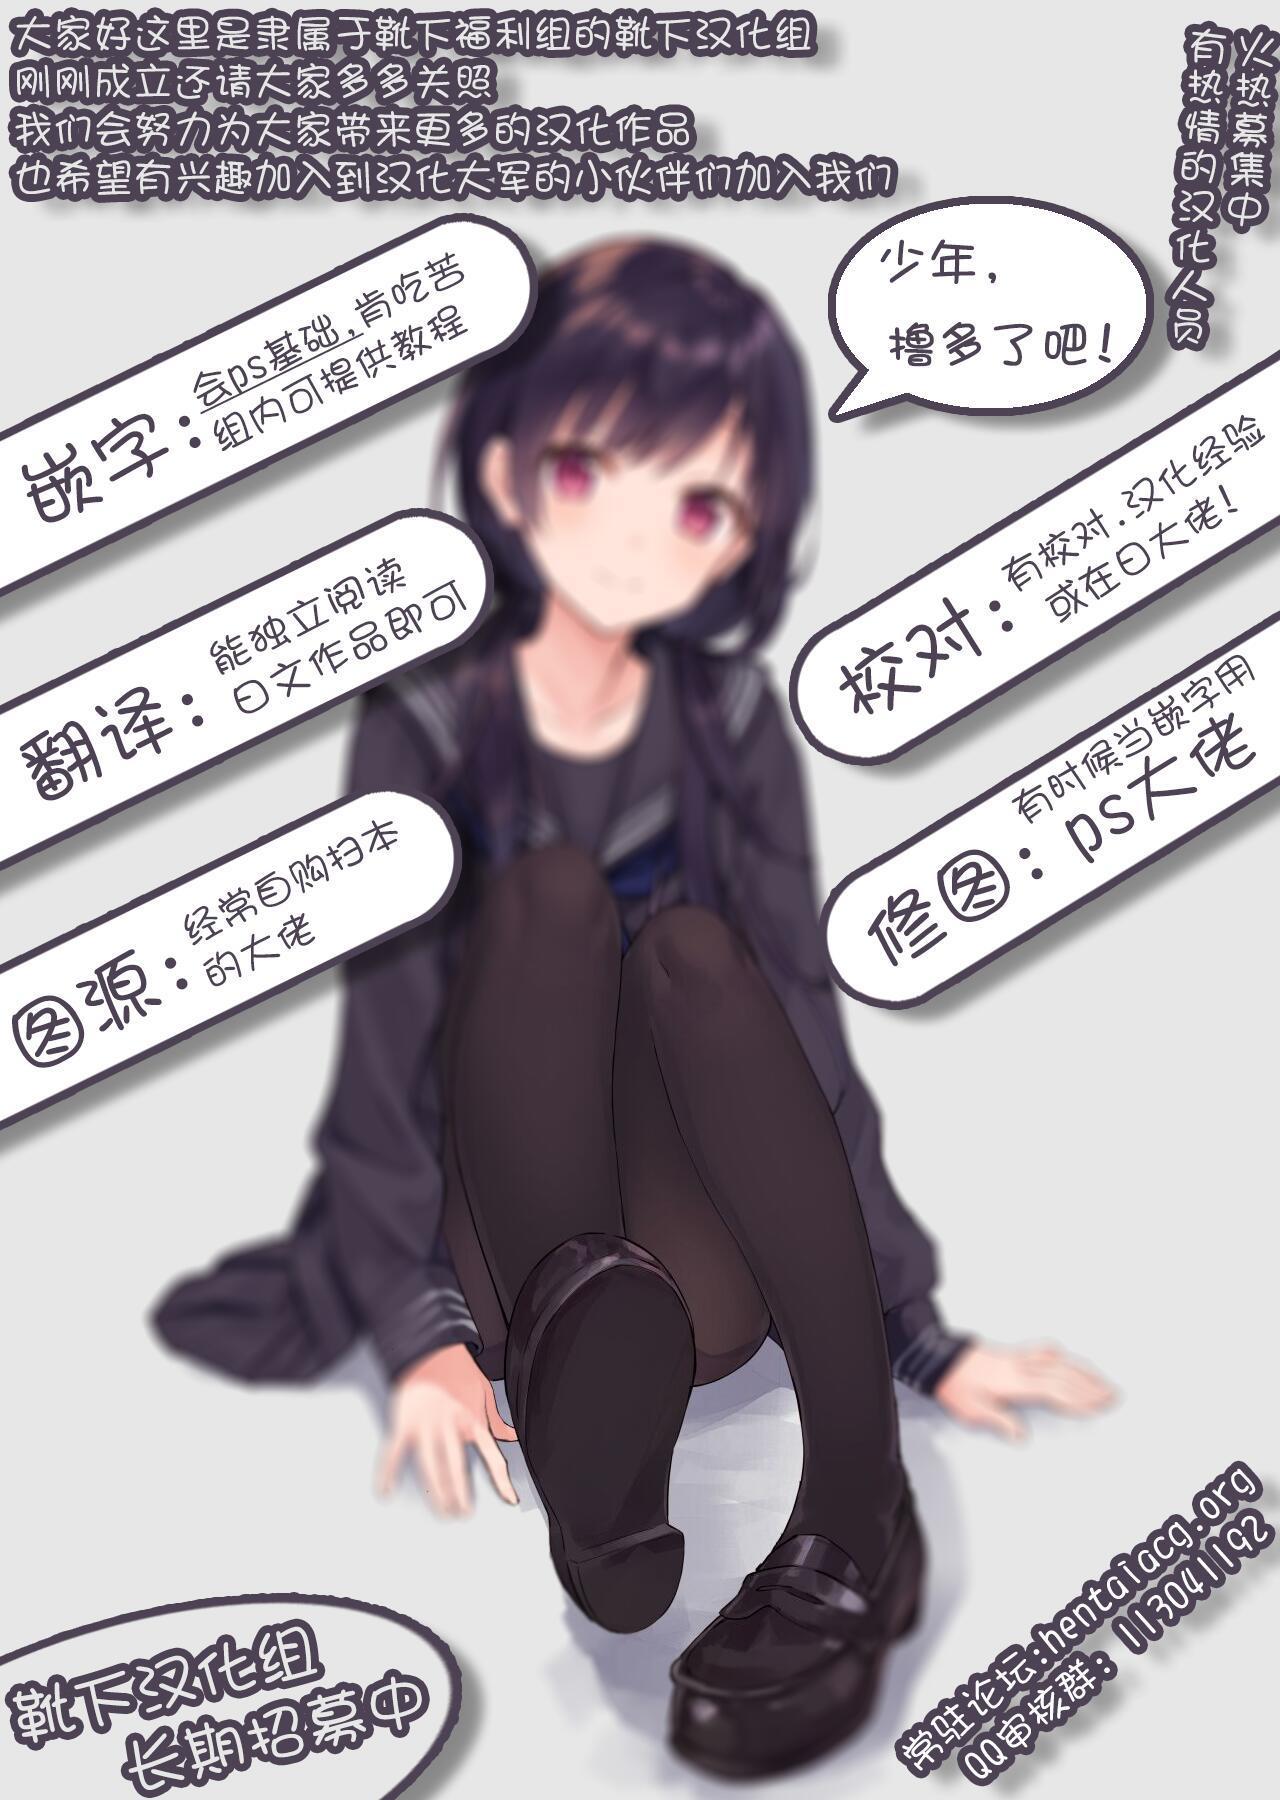 2015-nen Natsu Anime wa Konomi no Musume ga Ippai de Oppai 9